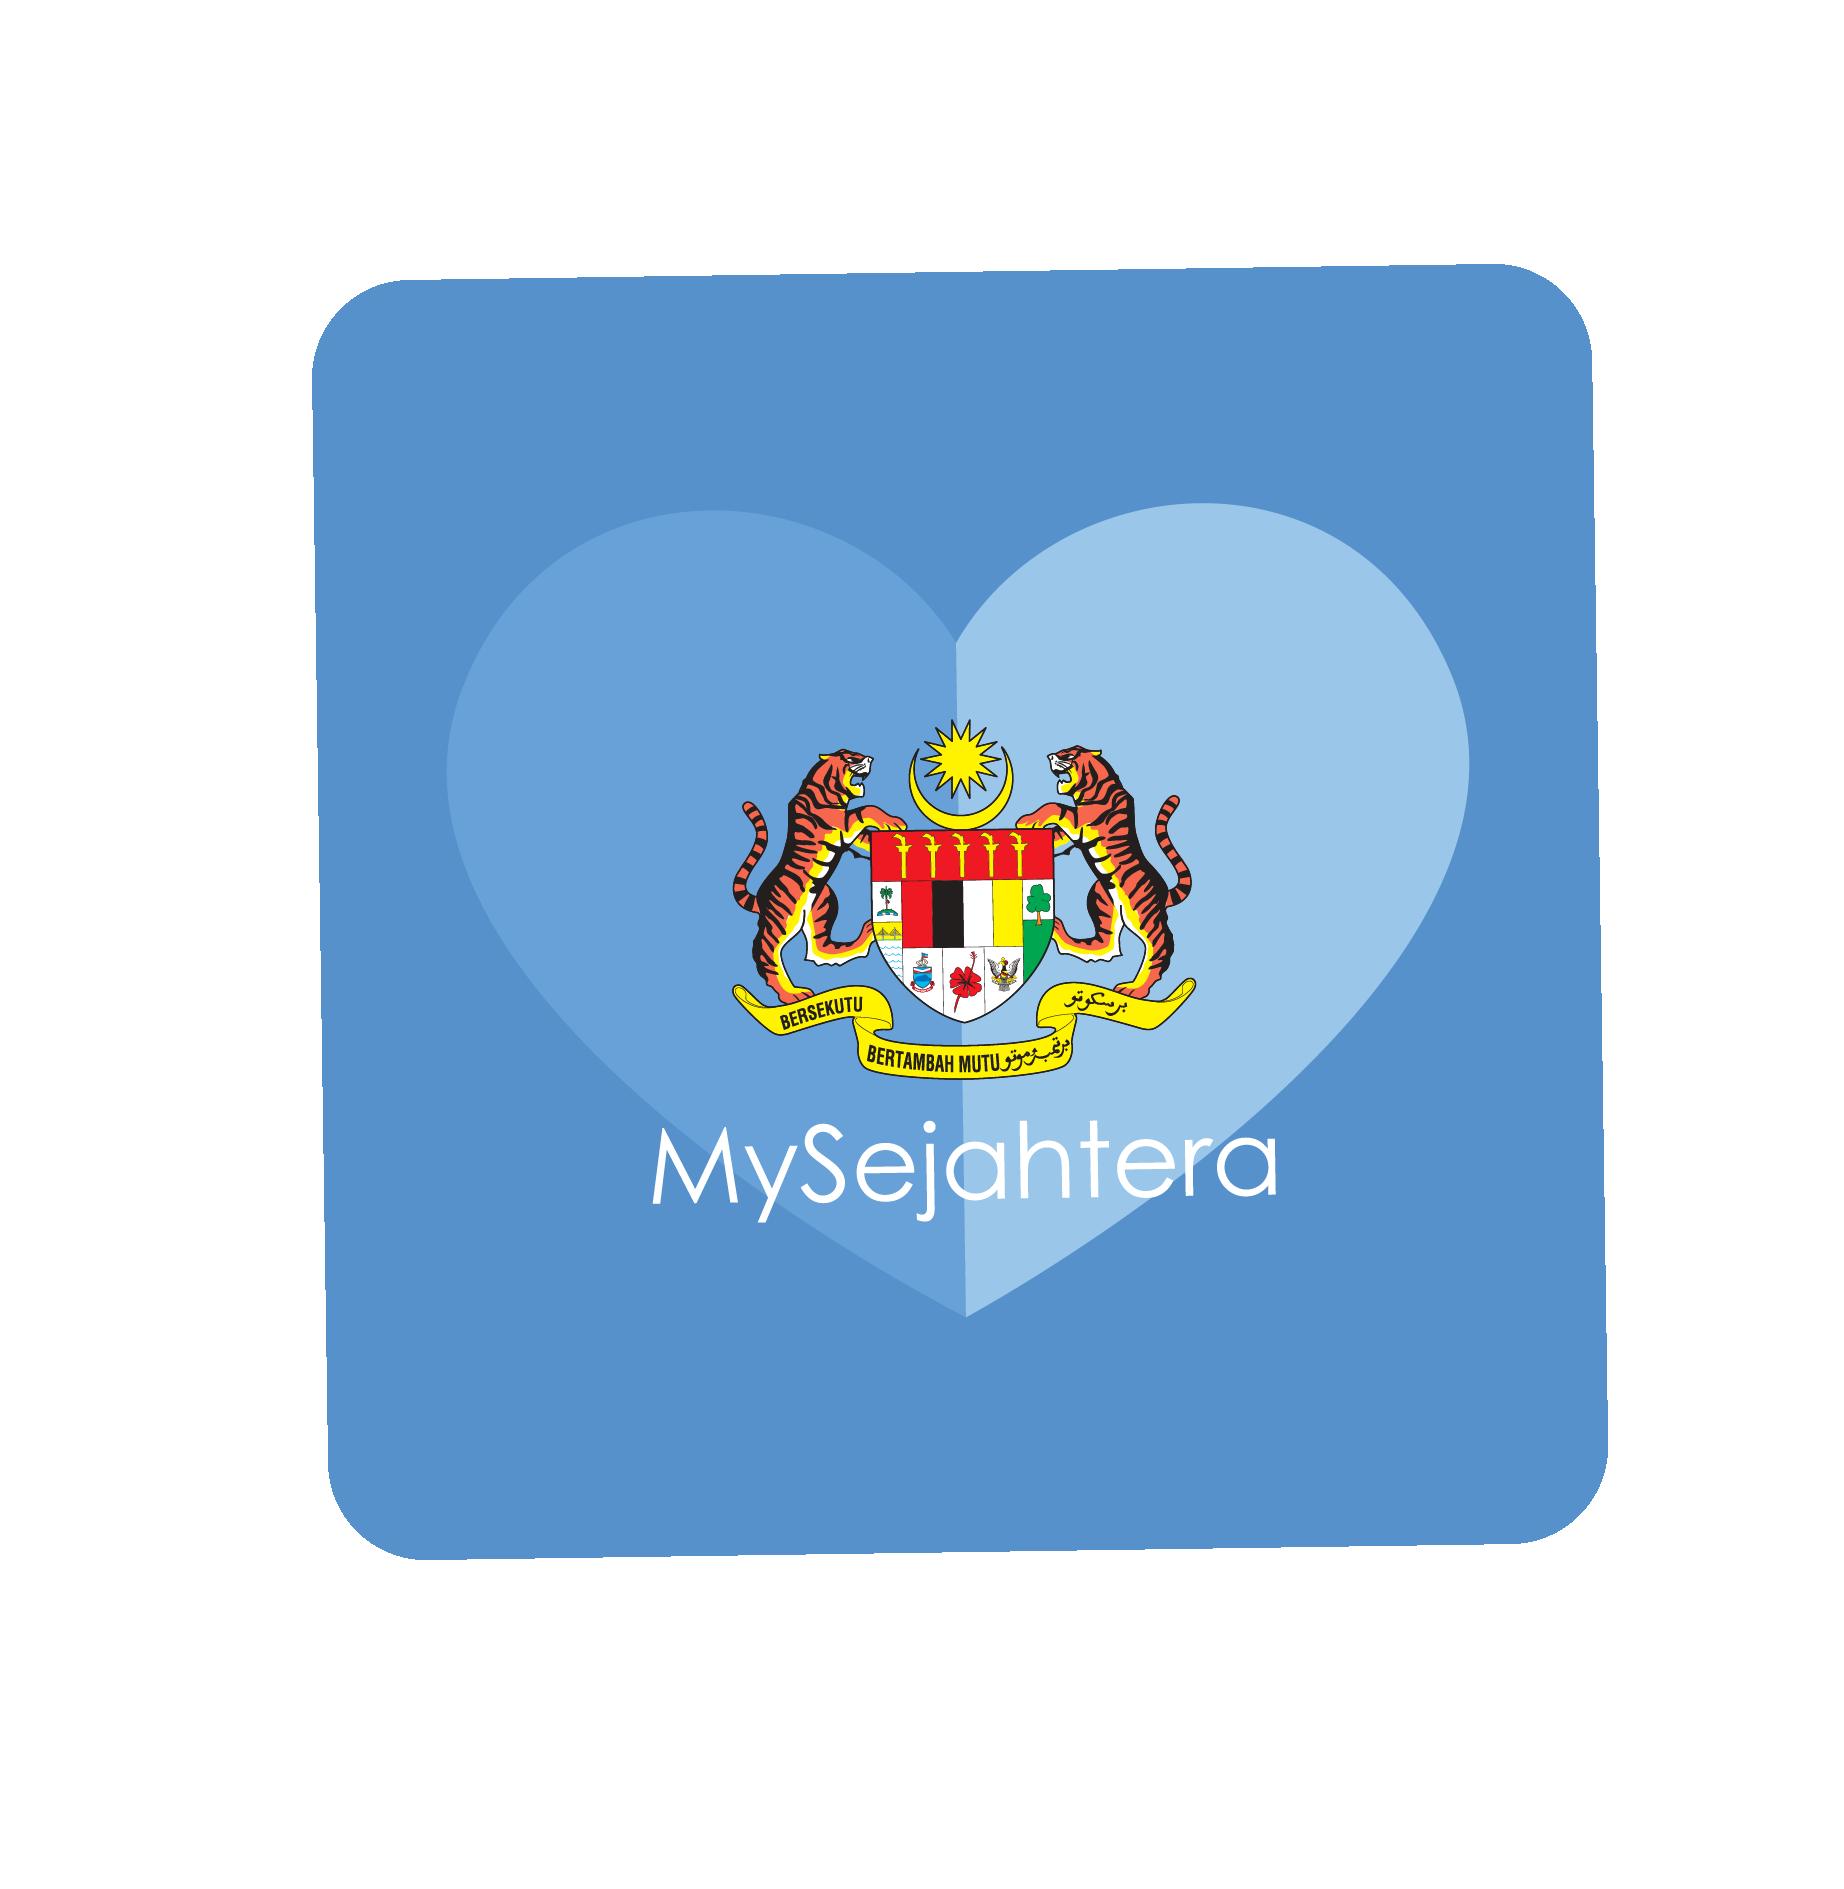 mysejahtera vector logo